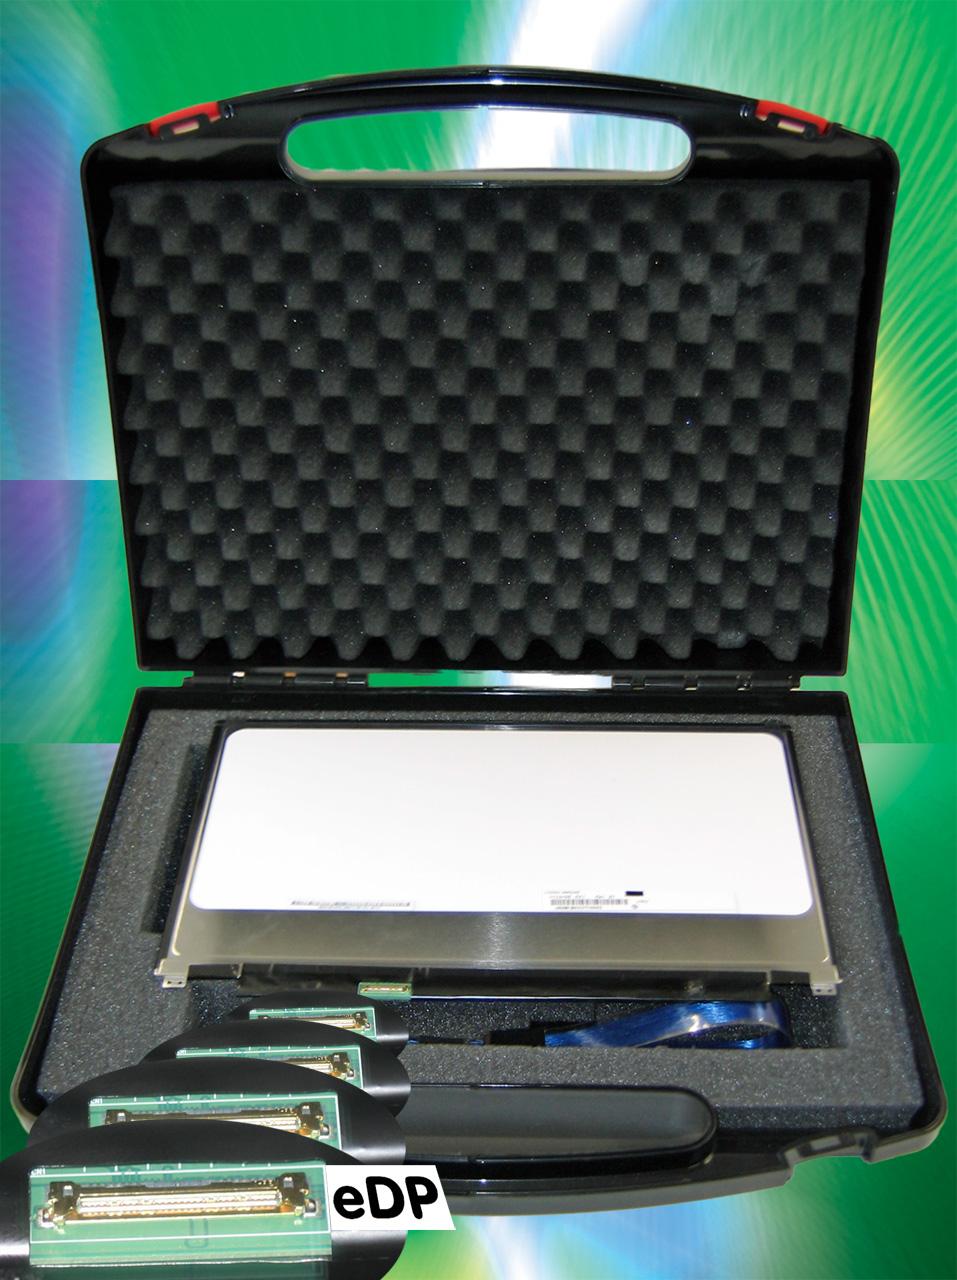 MSC Technologies in Führung mit Embedded DisplayPort Display Kit